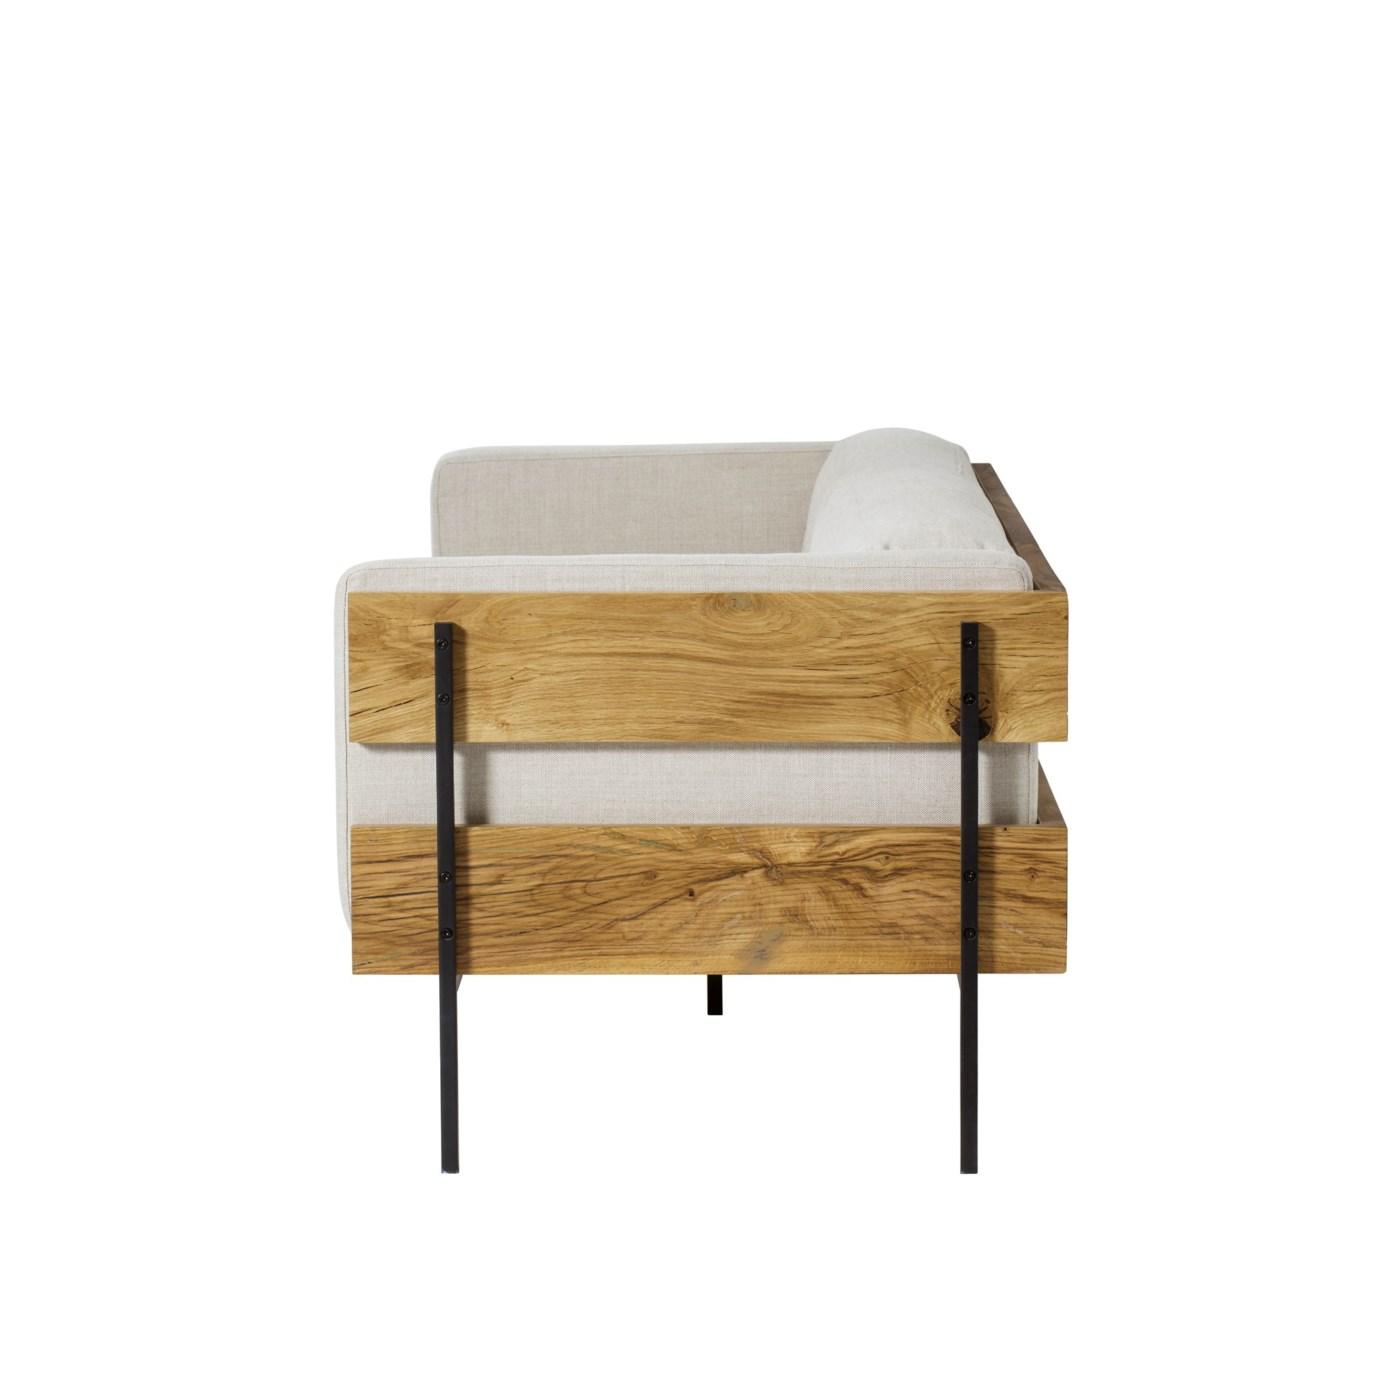 Carson 2 Seater Sofa - Marbella Oatmeal